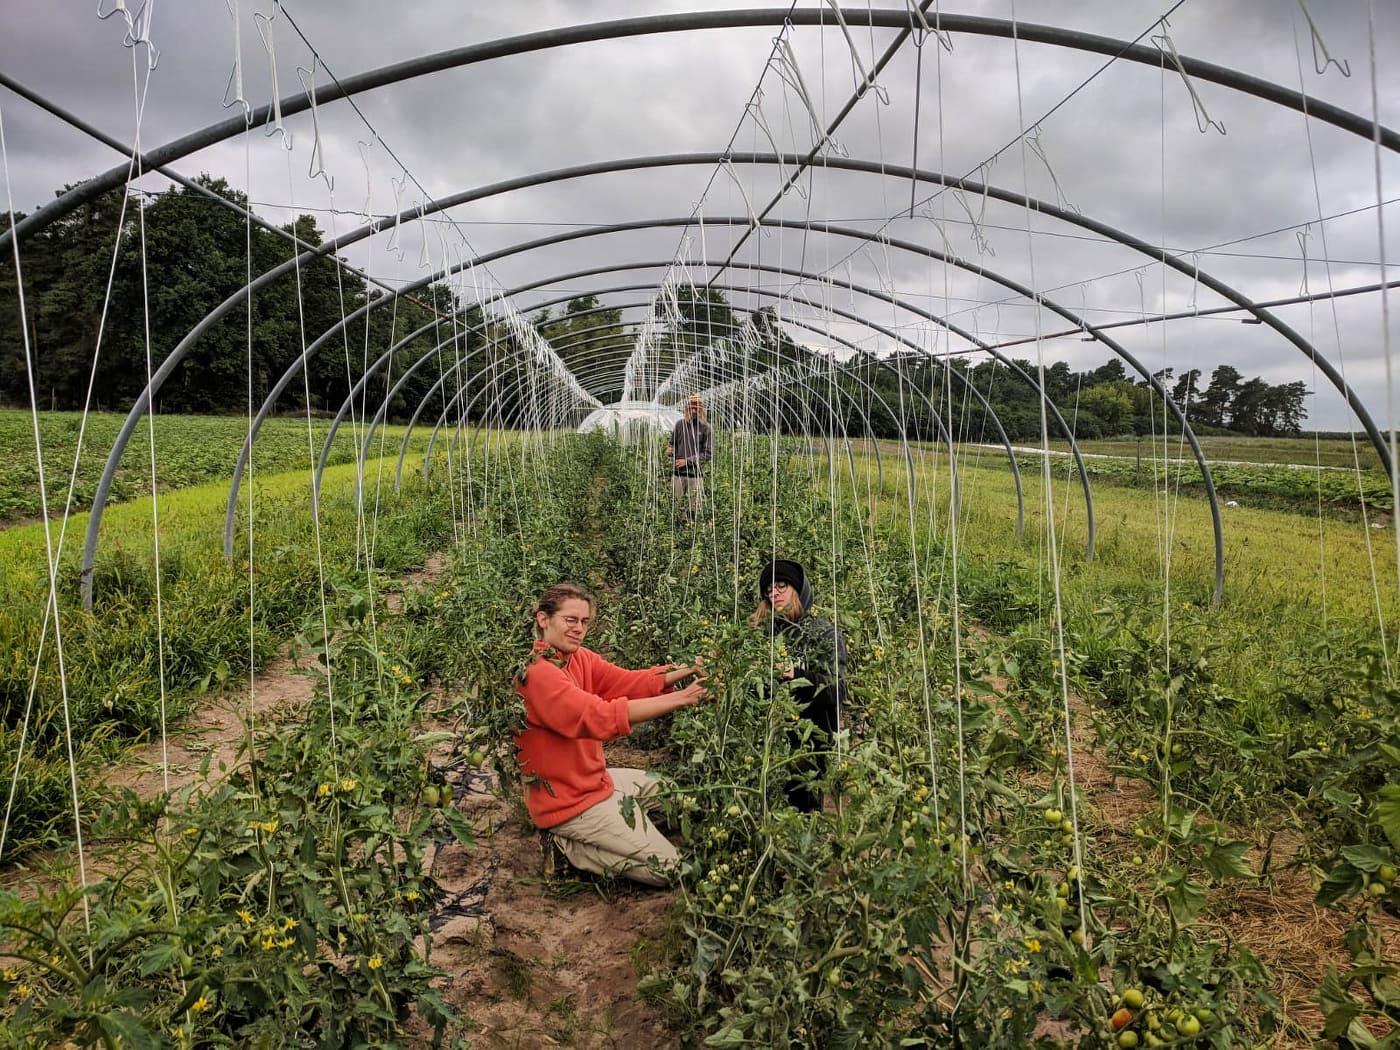 An Schnüren werden die Tomaten hoch gebunden, damit sie nicht auf dem nassen Boden liegen